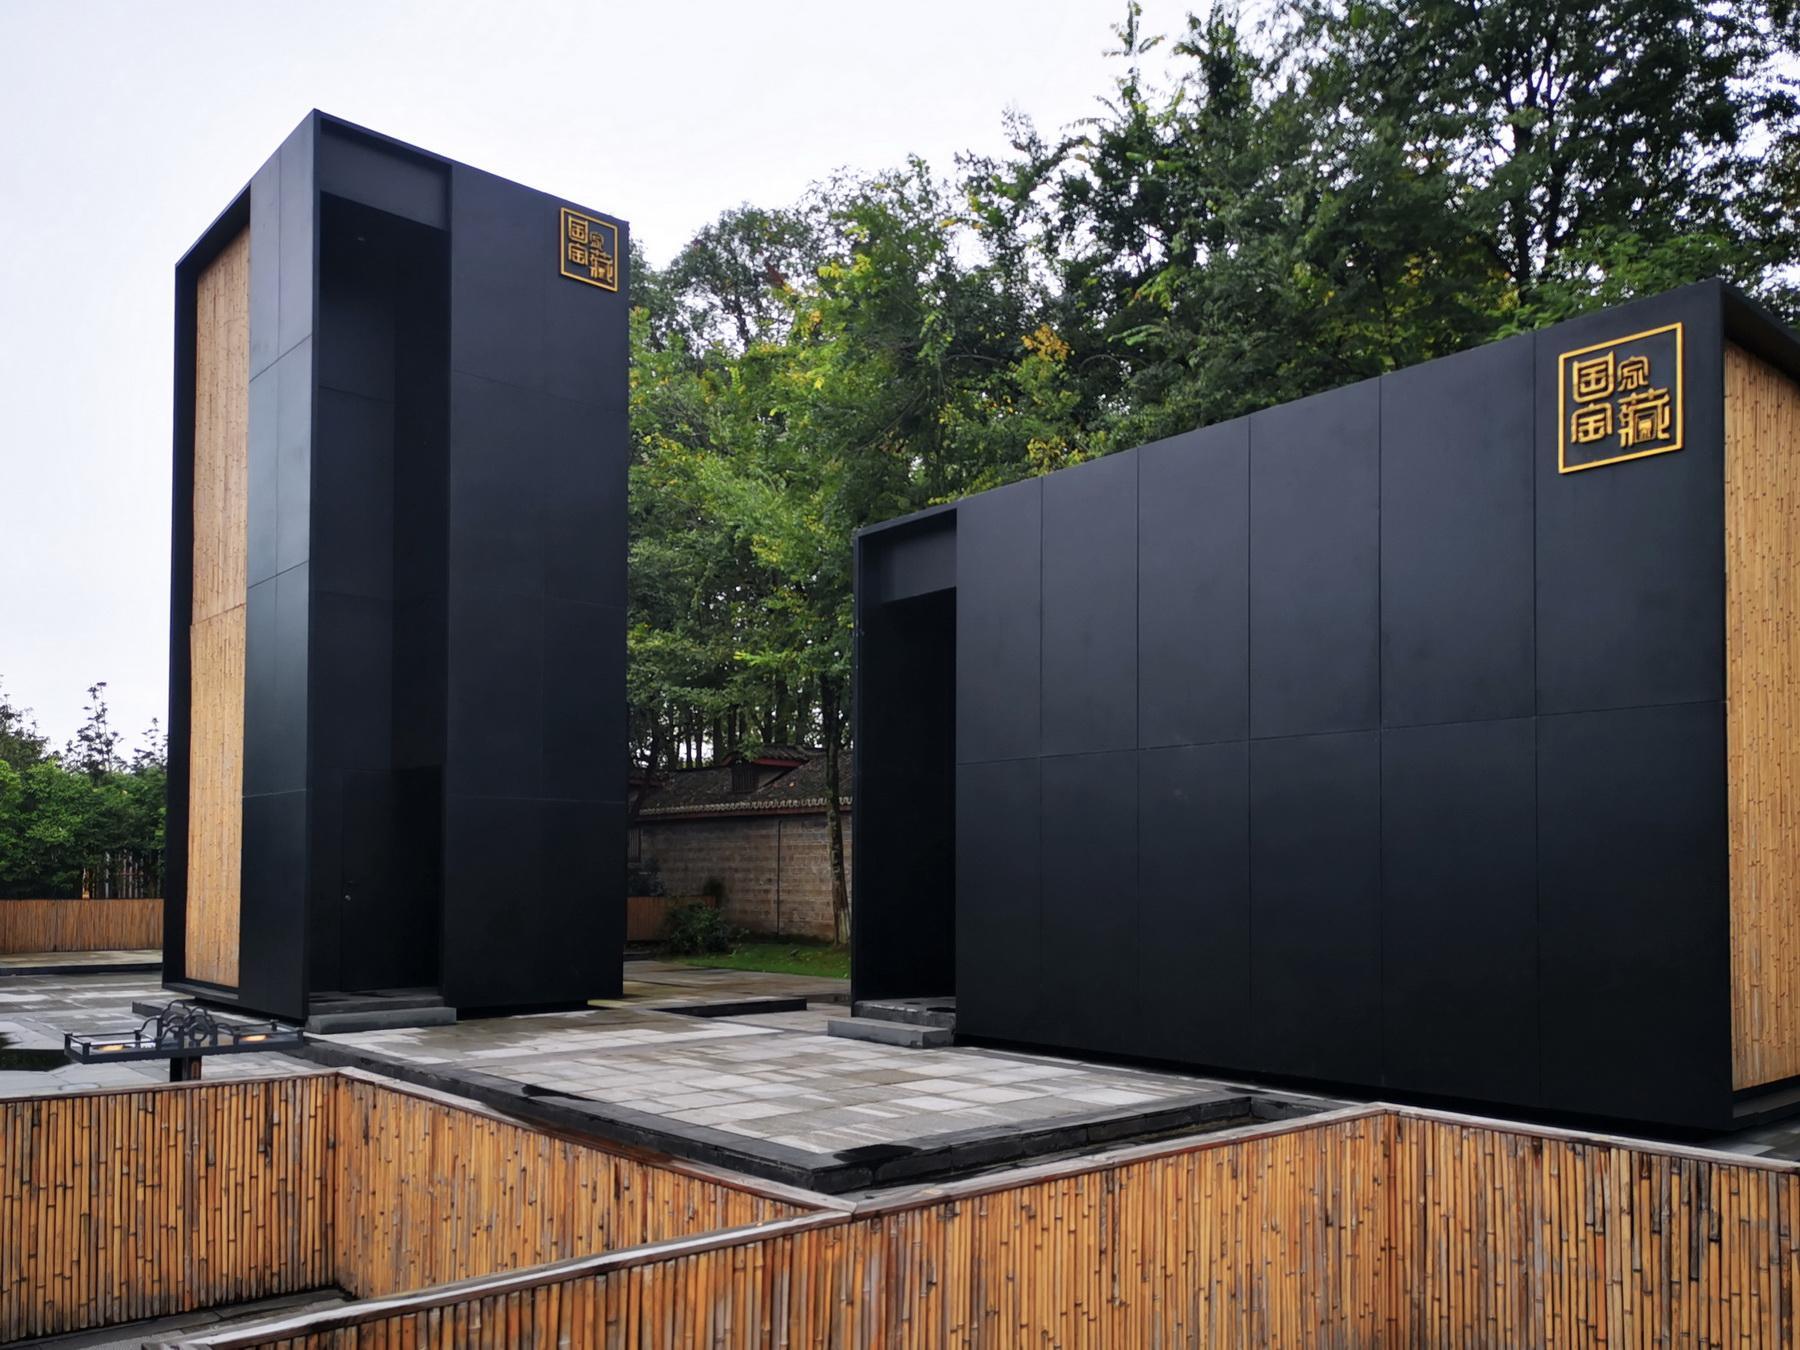 成都国家宝藏体验馆 摄影作品 / 黑白灰摄影